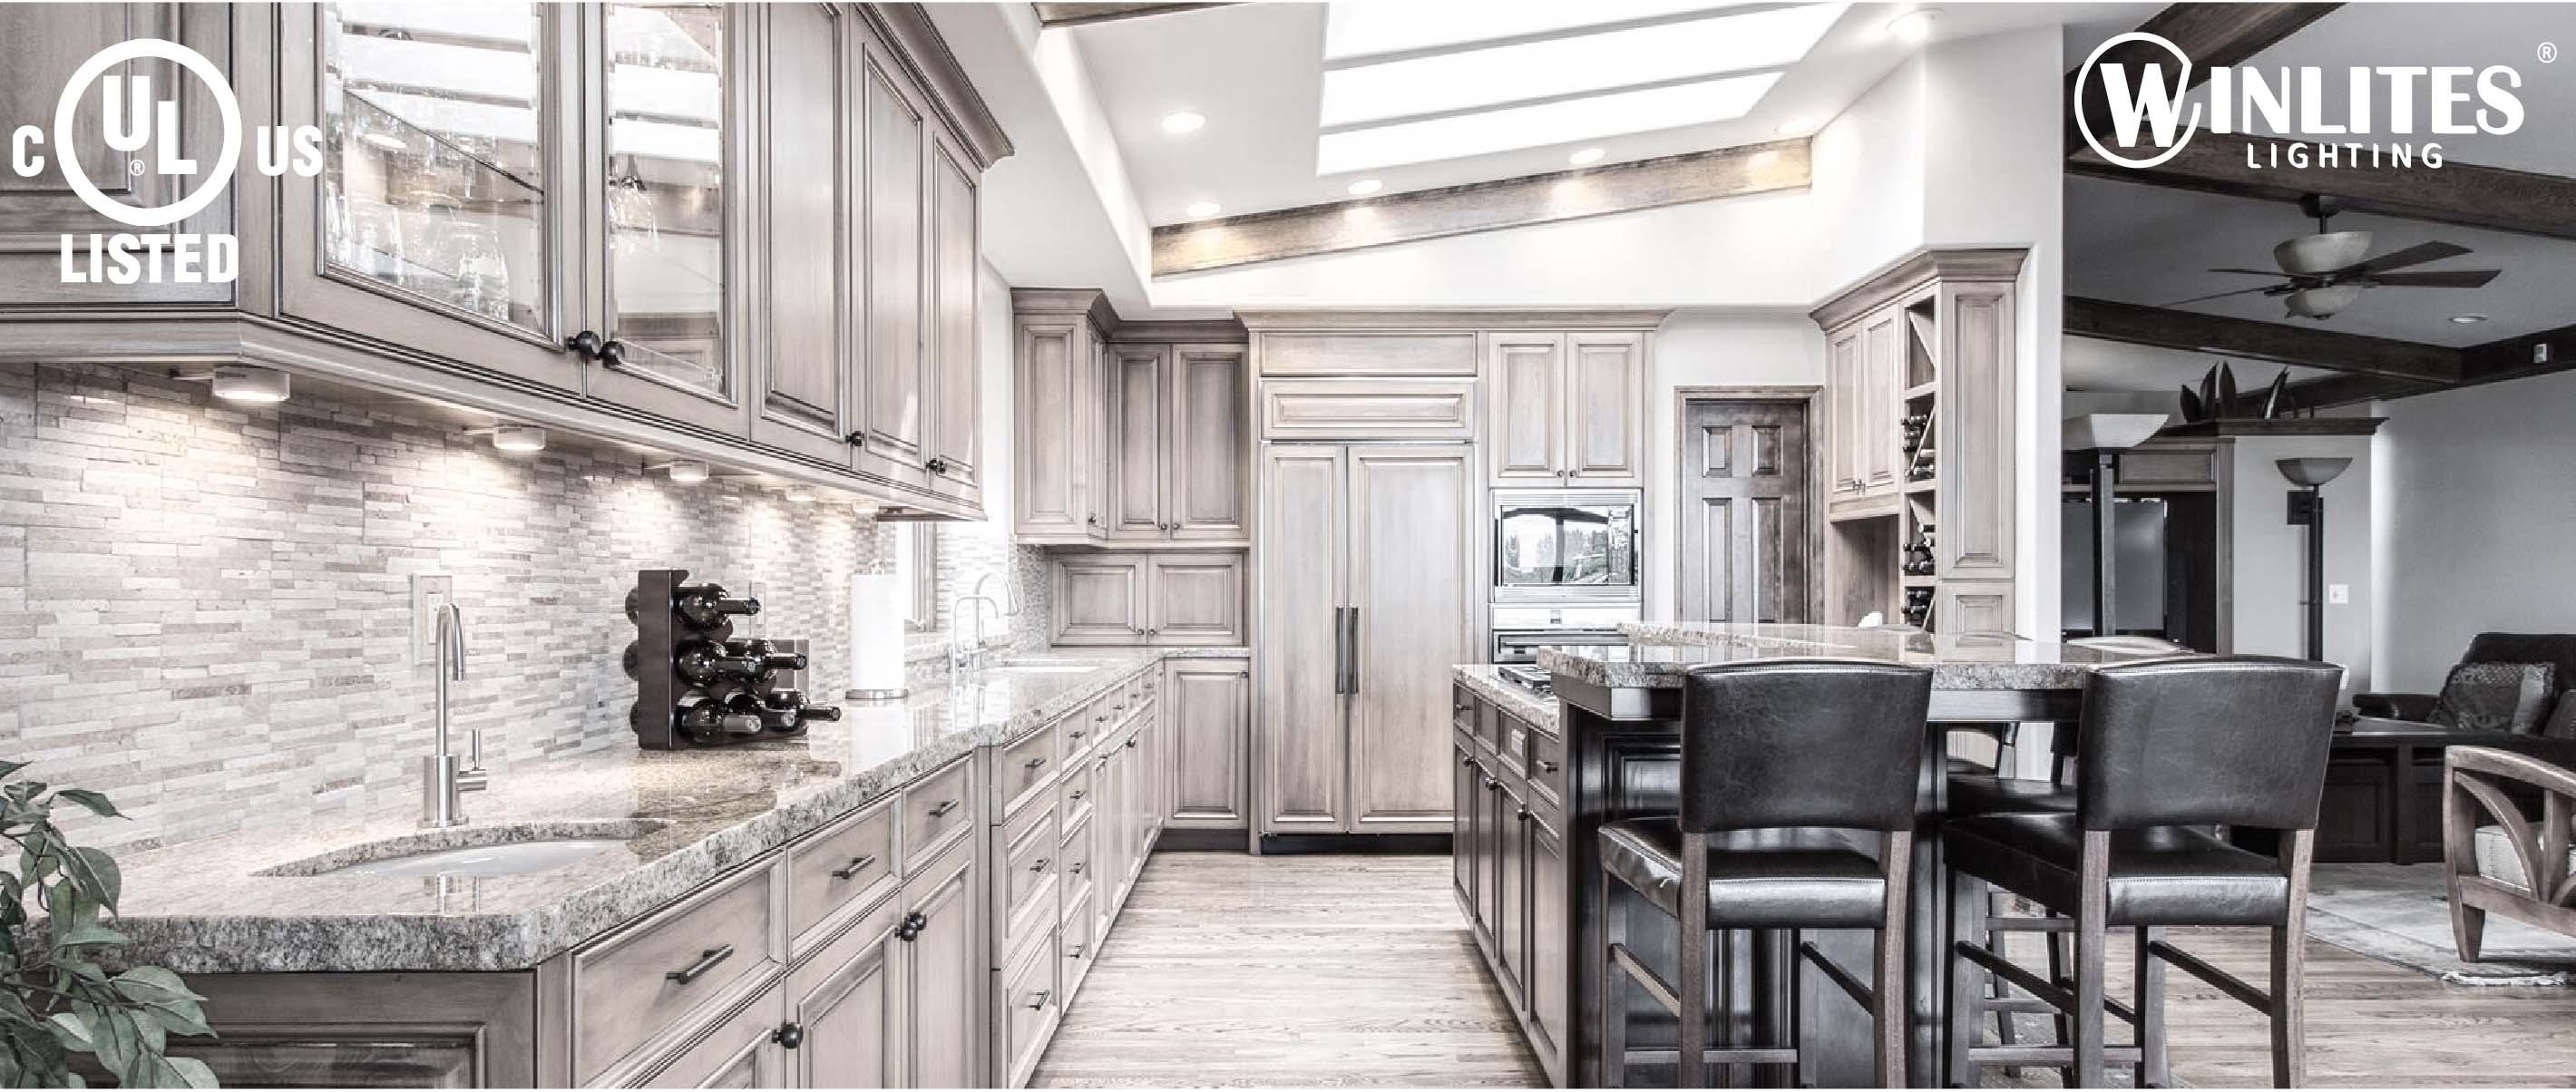 kitchen-2400367 20181203-3.jpg